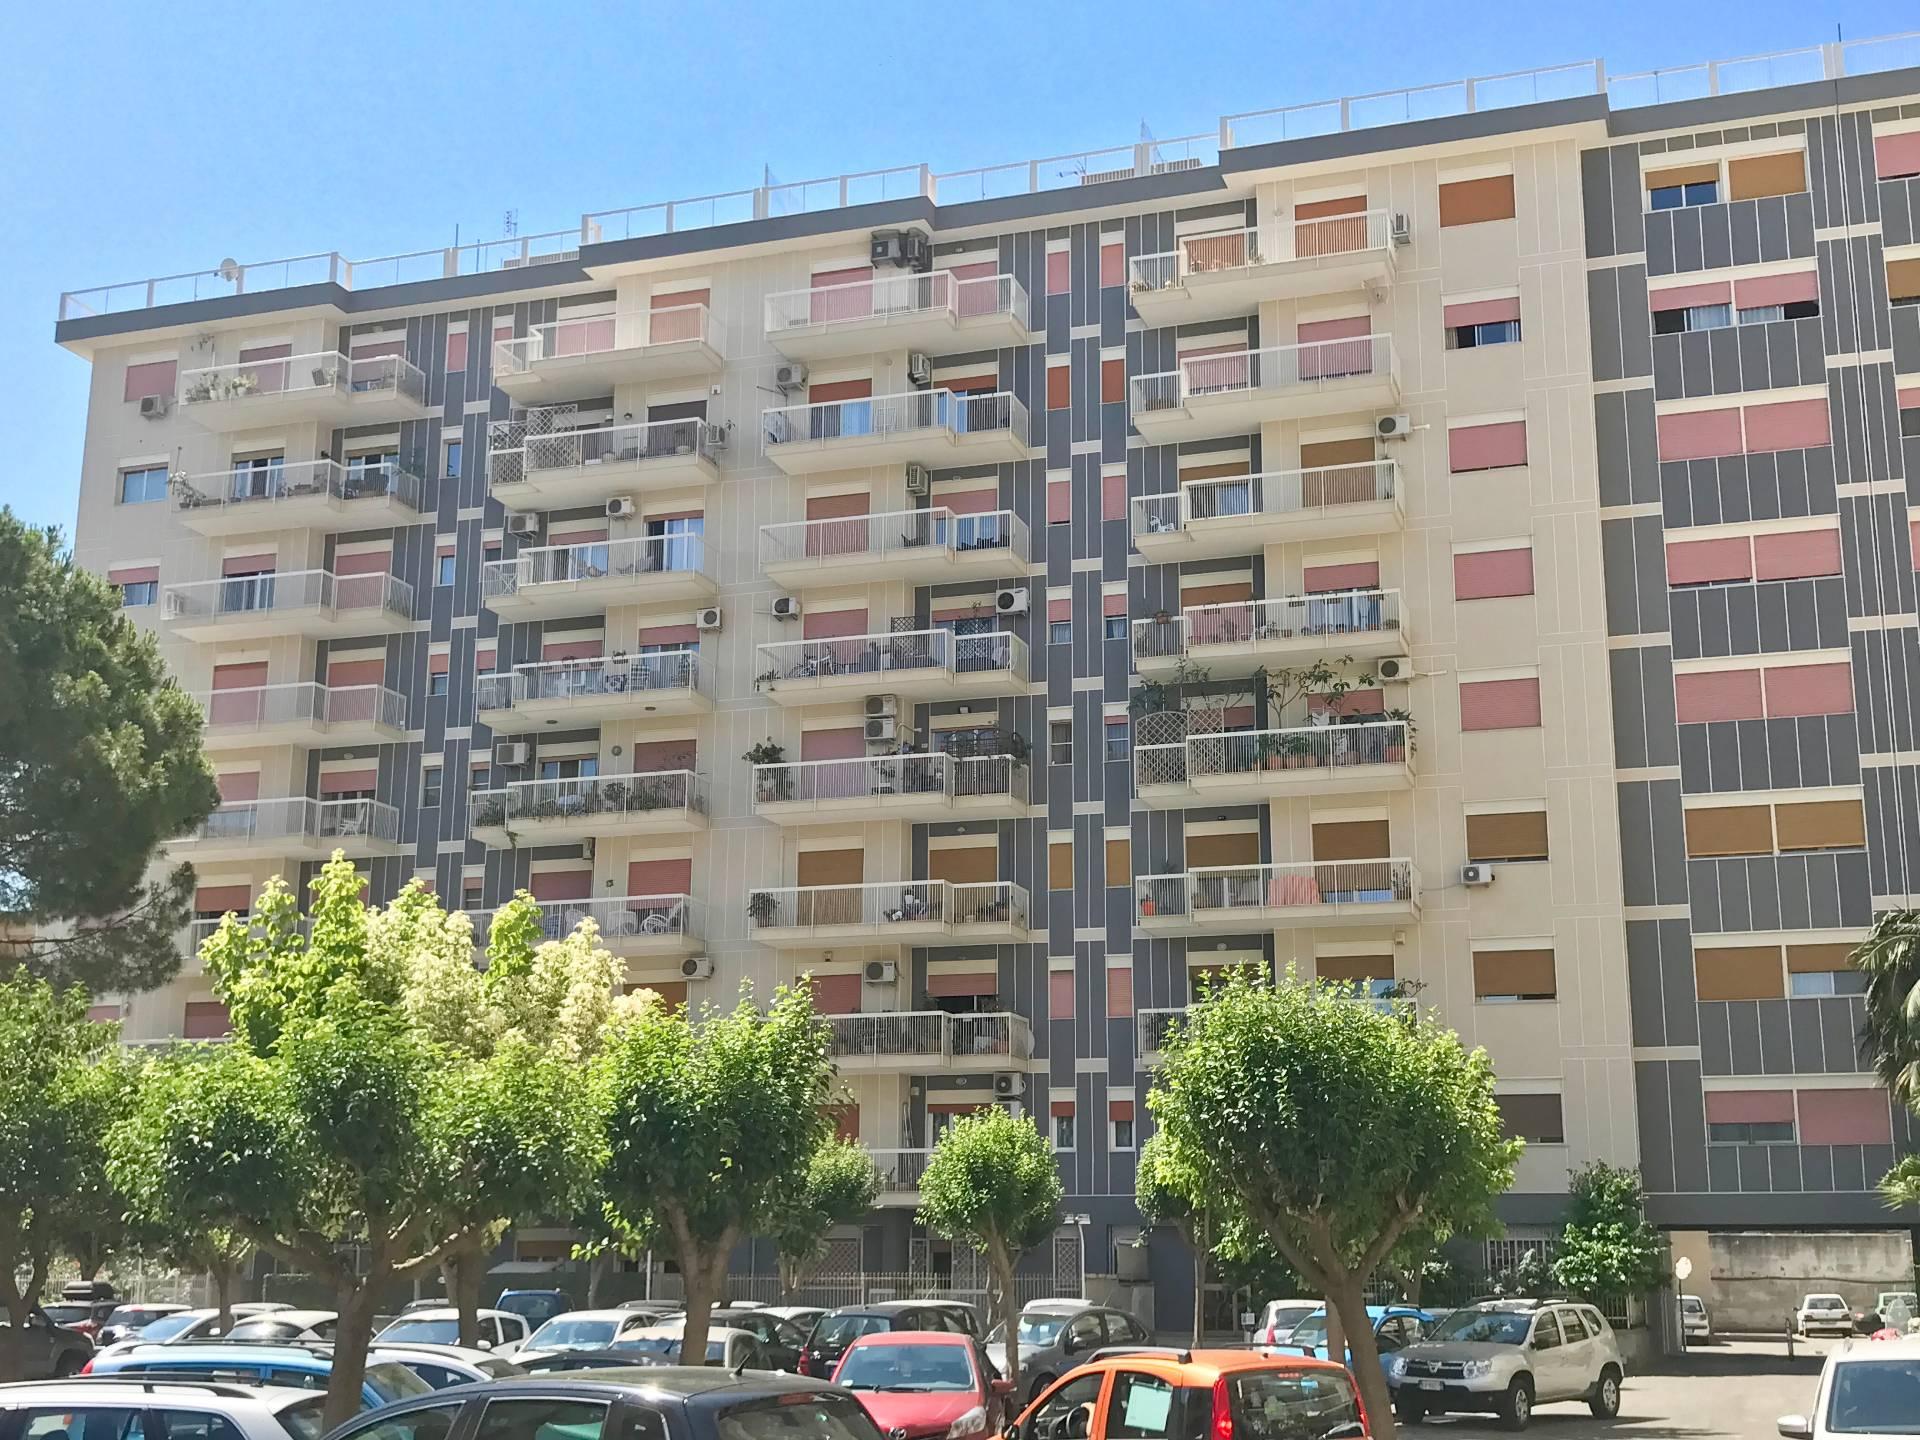 Appartamento in affitto a Palermo, 5 locali, zona Località: LeonardoDaVinci, prezzo € 600 | CambioCasa.it